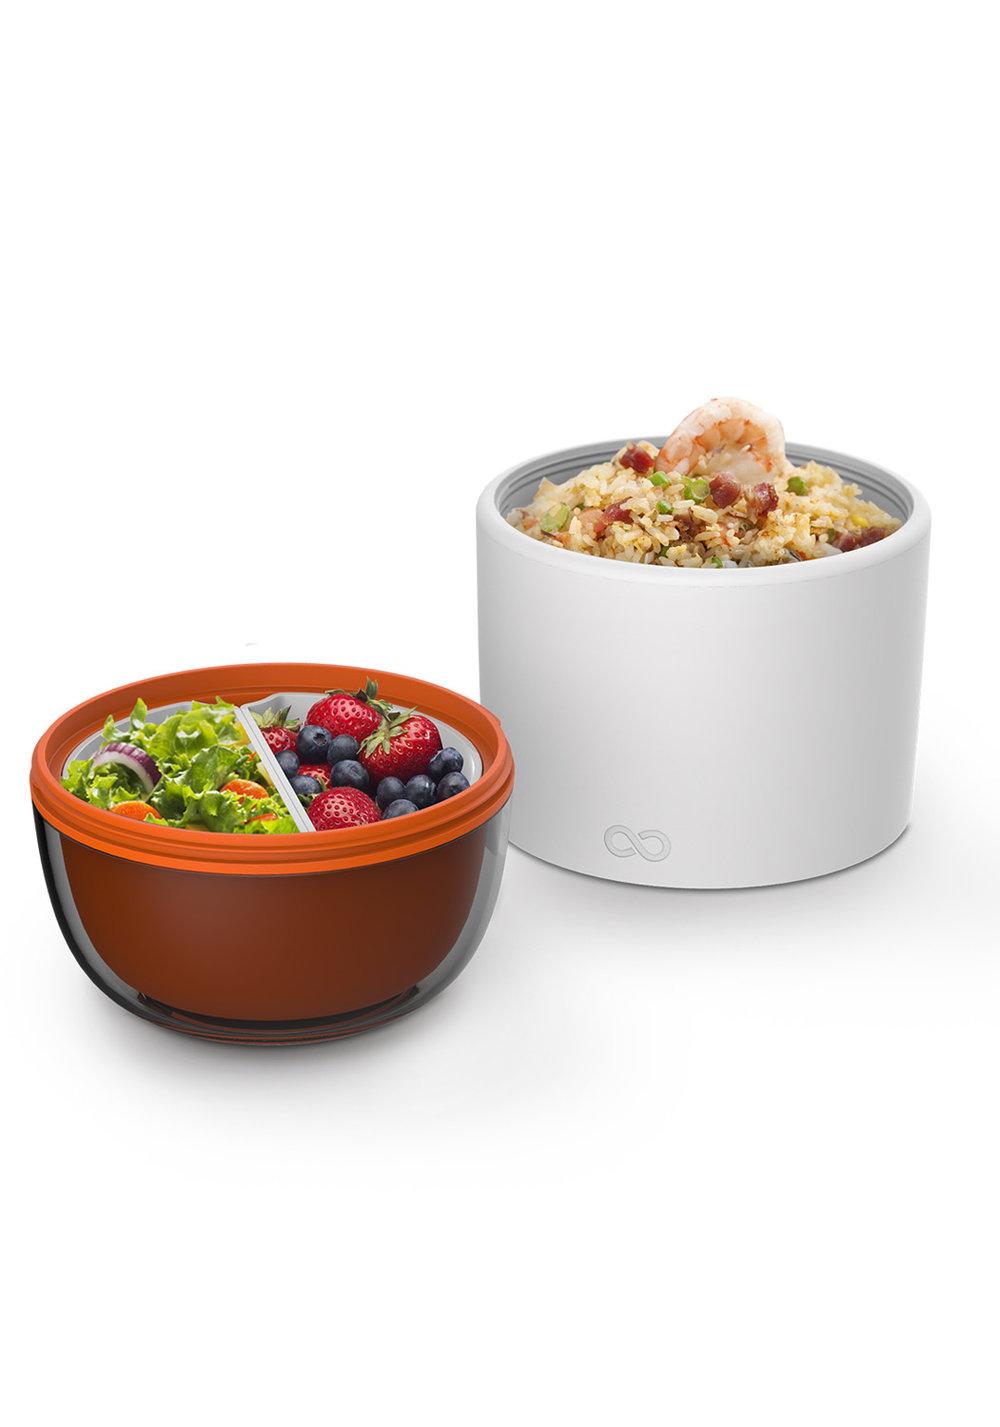 idéal pour (enfin) déjeuner équilibré - Idéal pour portionner ses déjeuners et éviter le coup de pompe de 15 heures !